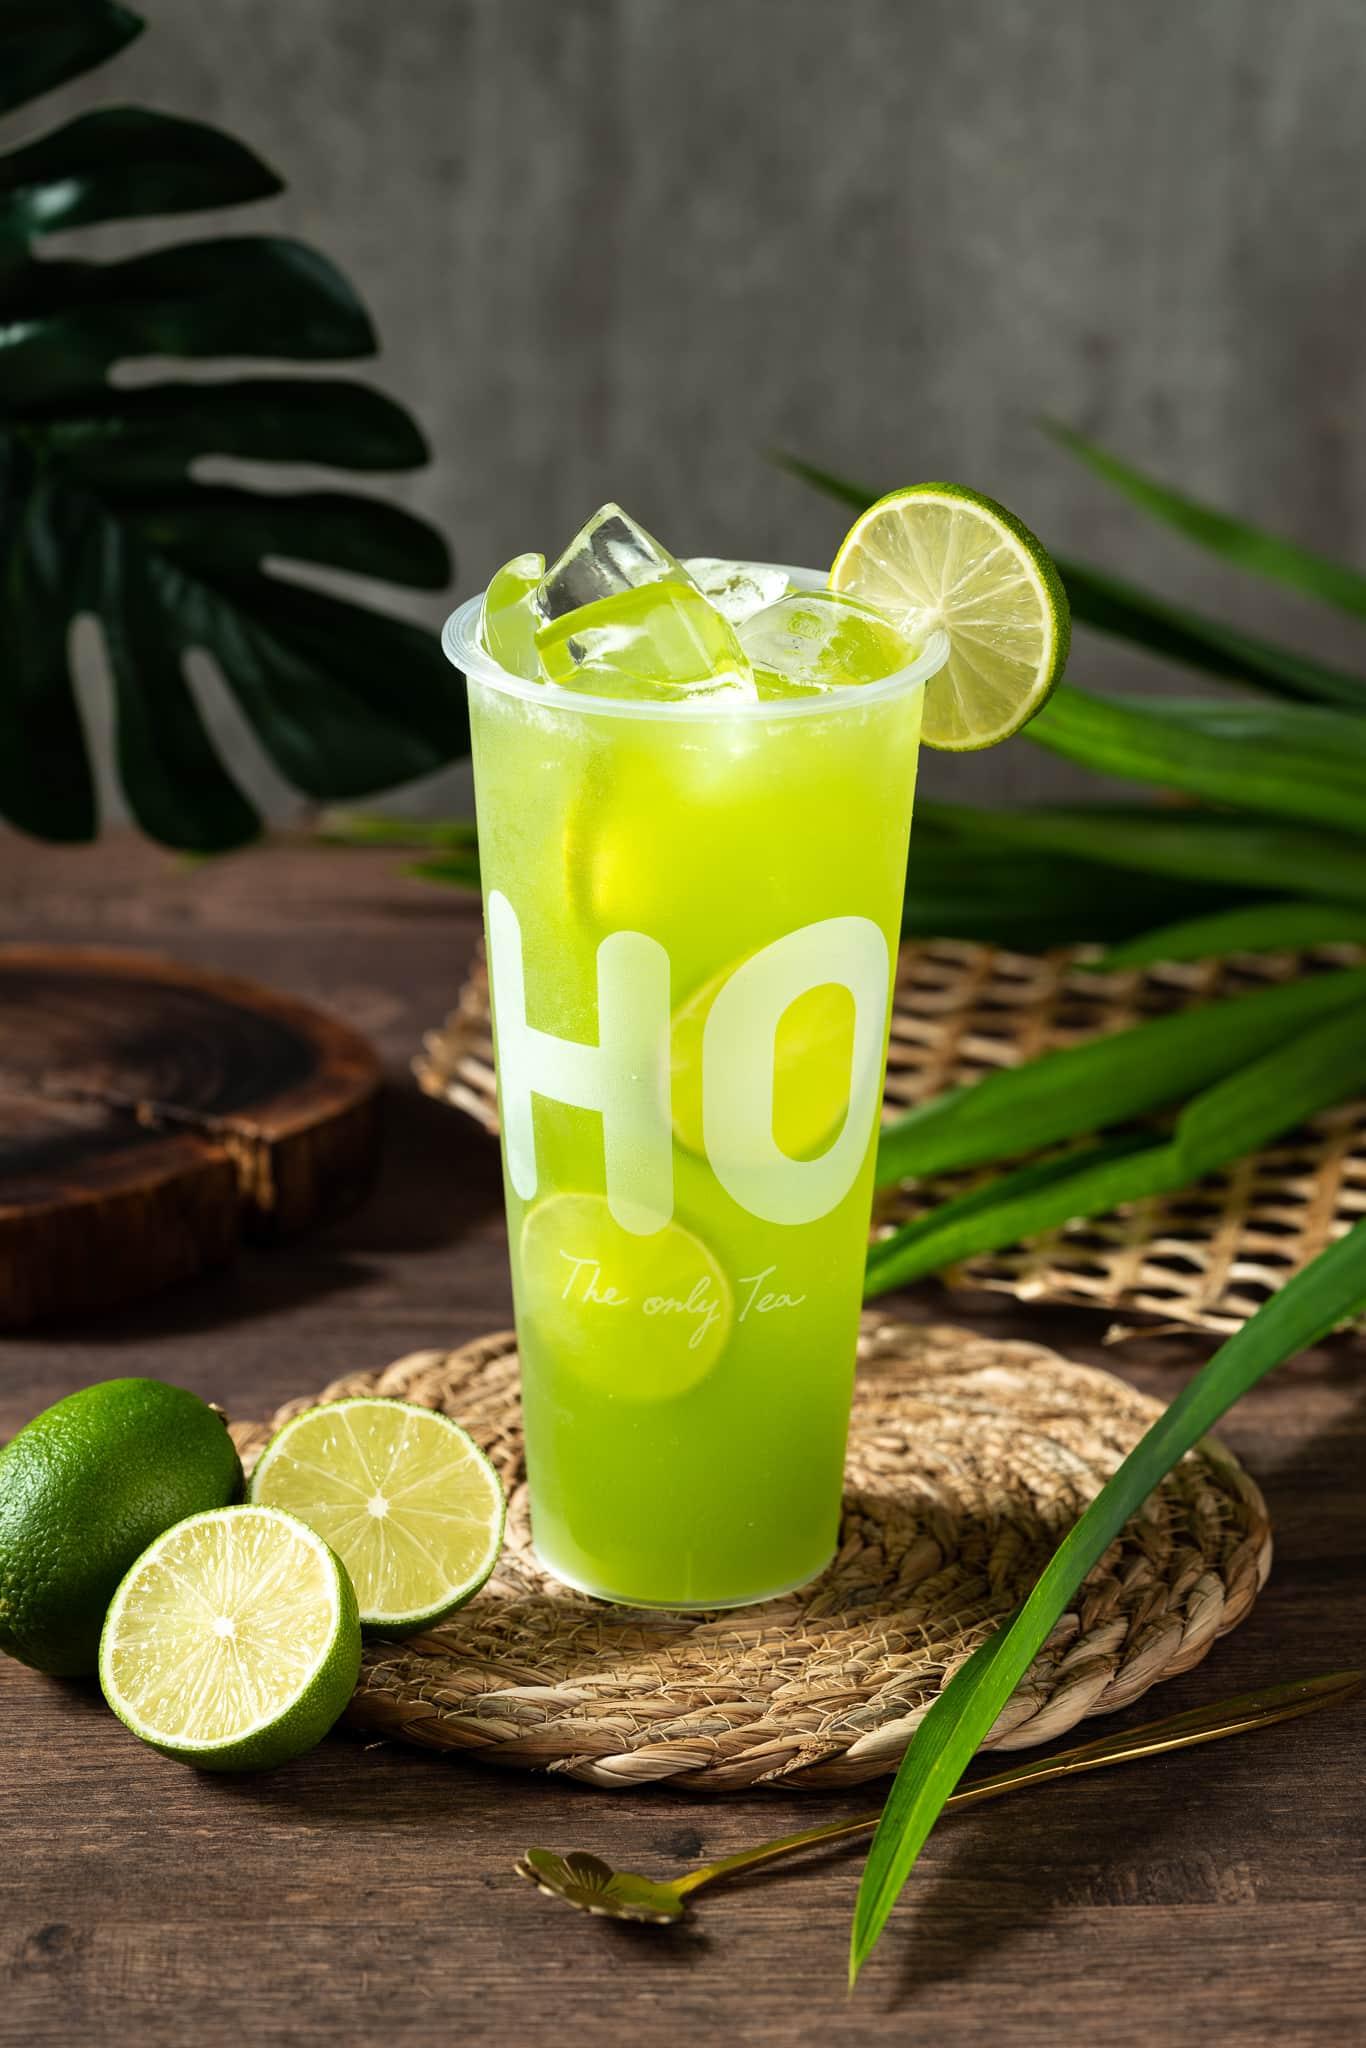 LiHO lime